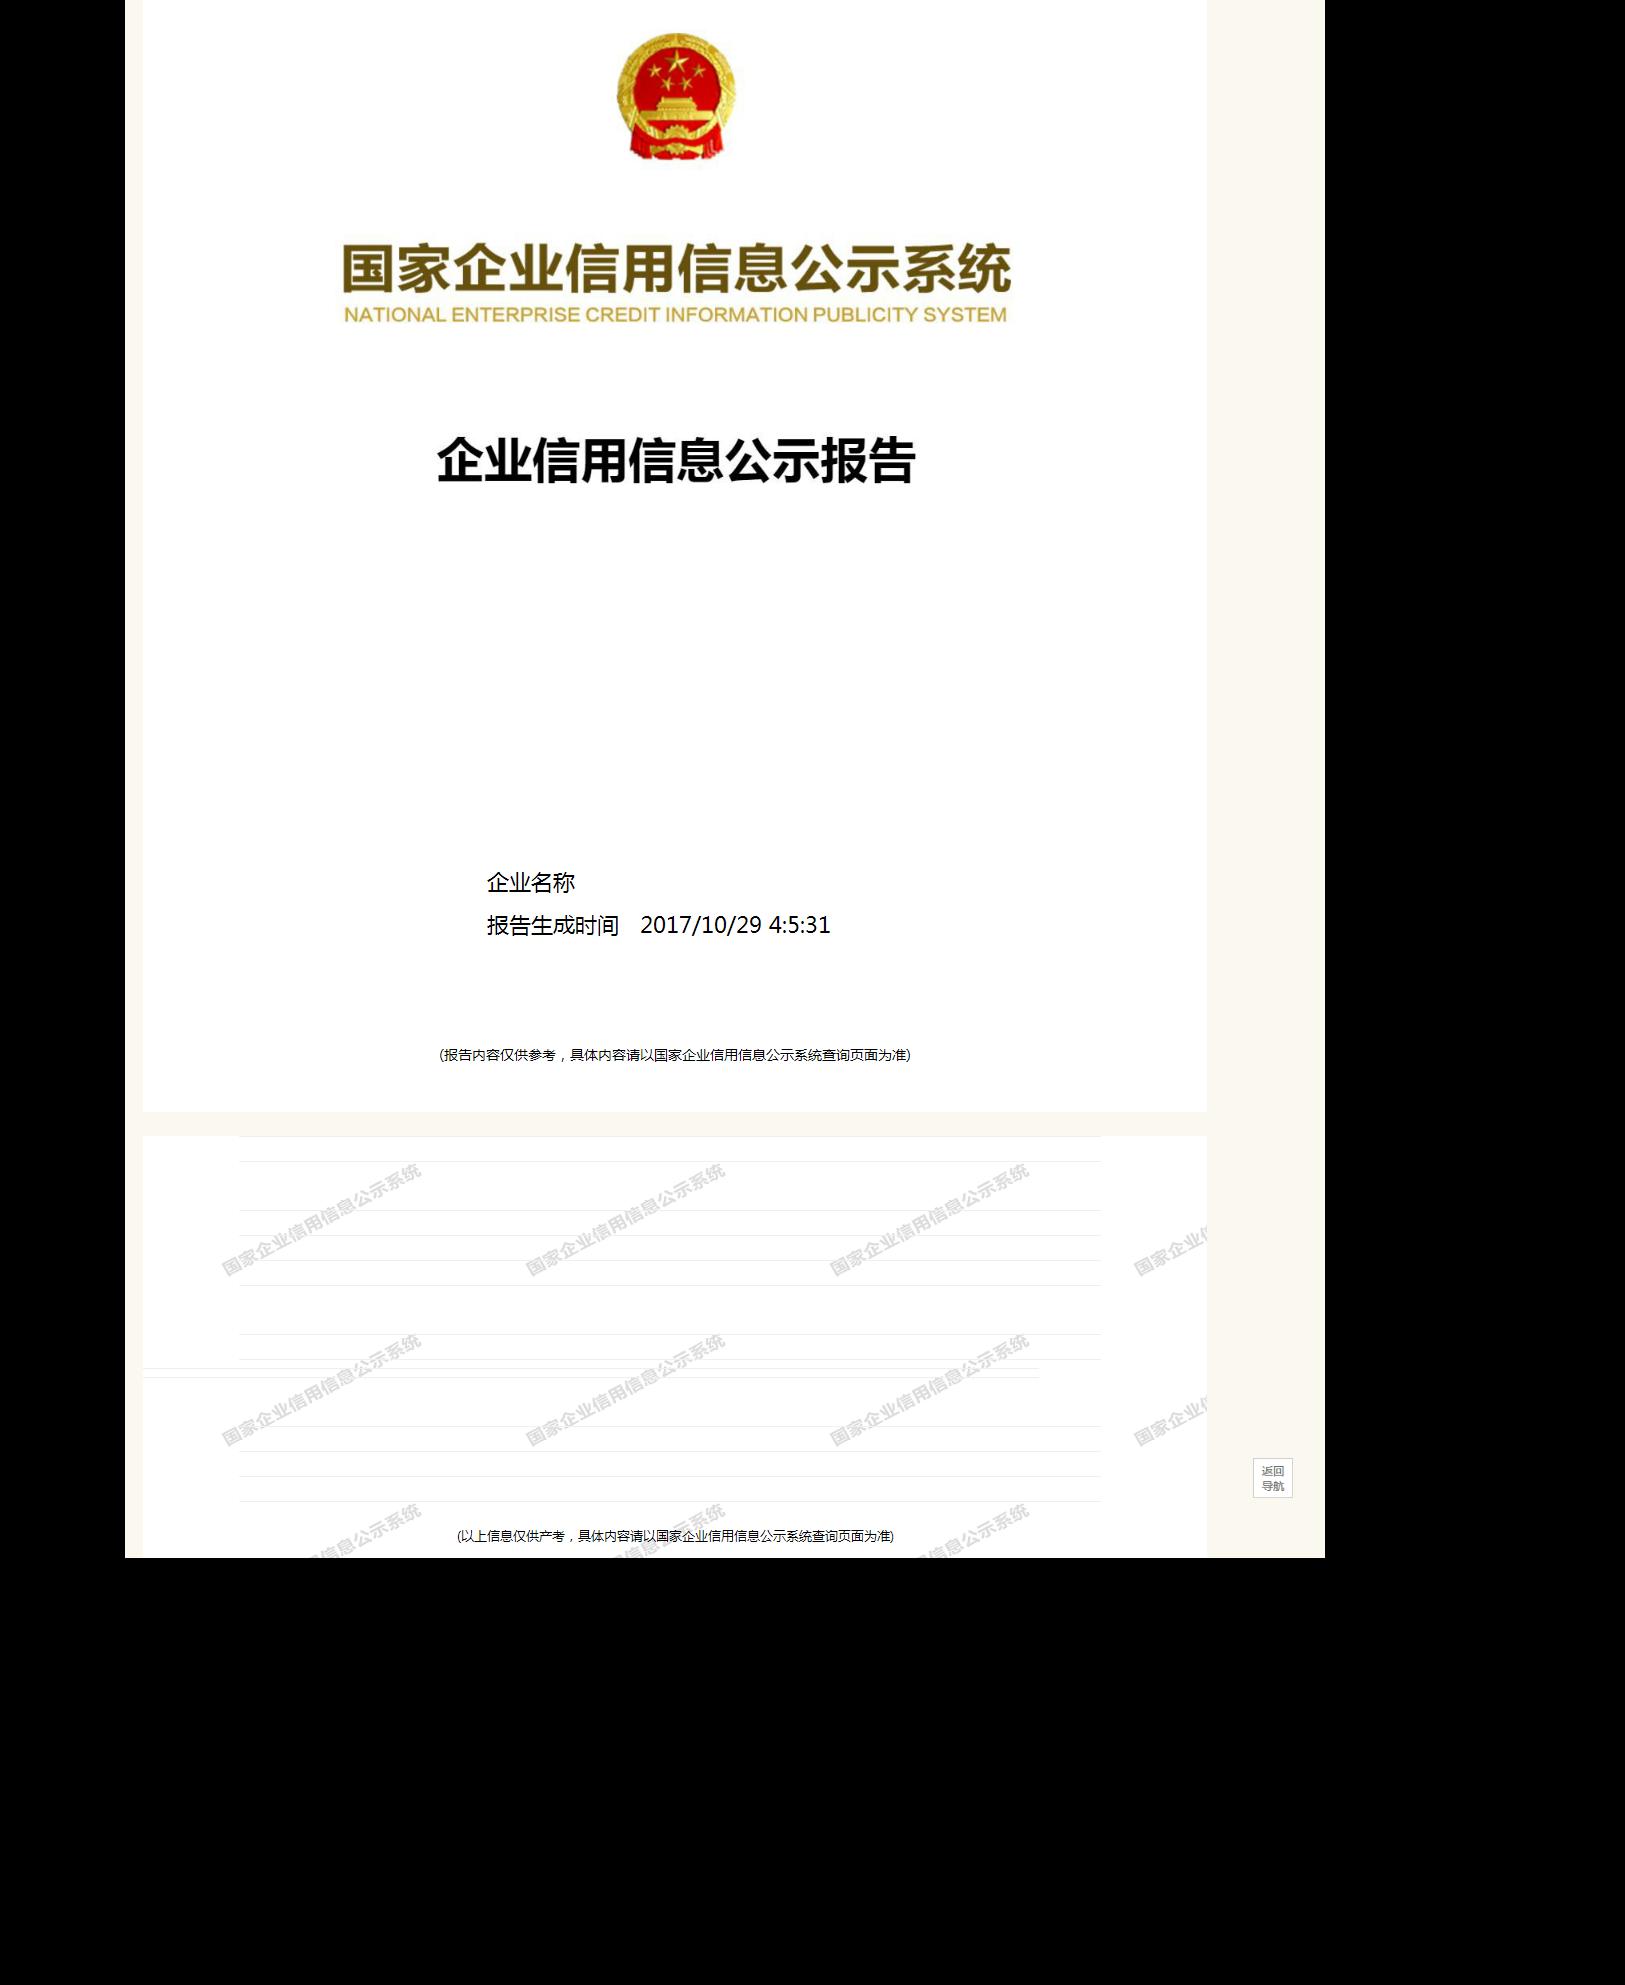 重庆丰鼎科技有限责任公司 - 工商官网信息快照